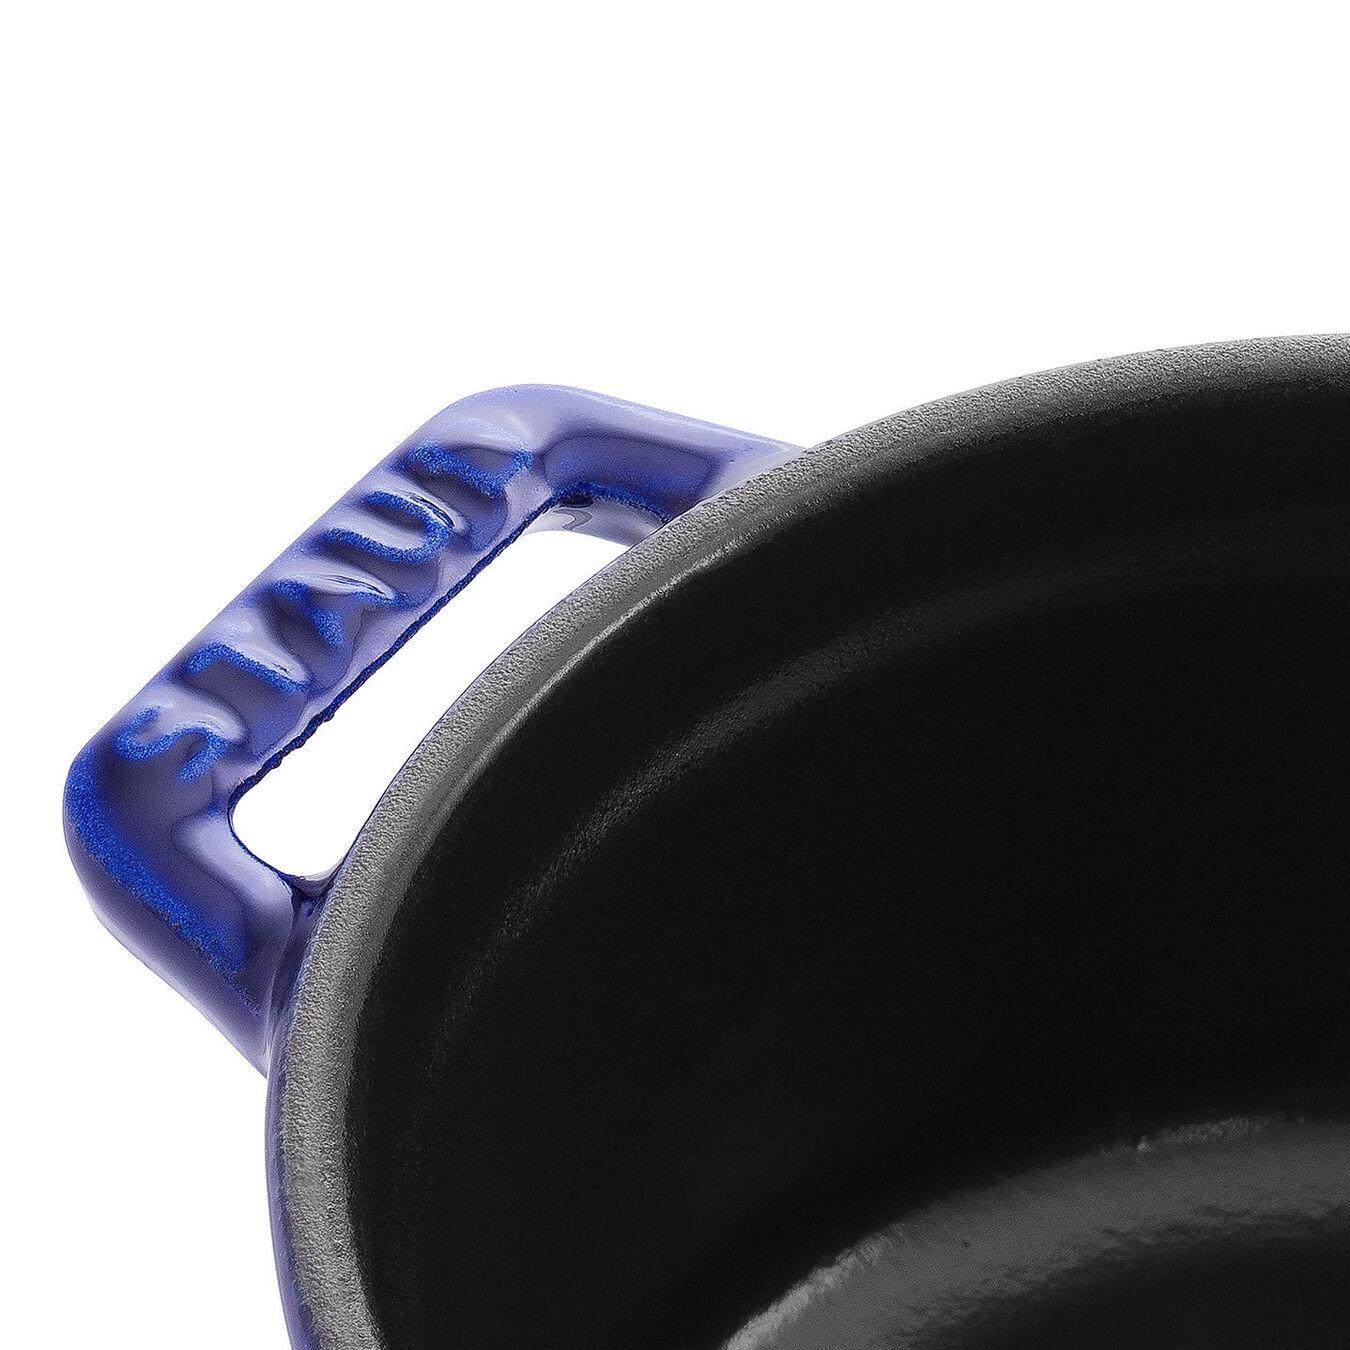 Mini cocotte rotonda - 10 cm, blu scuro,,large 2